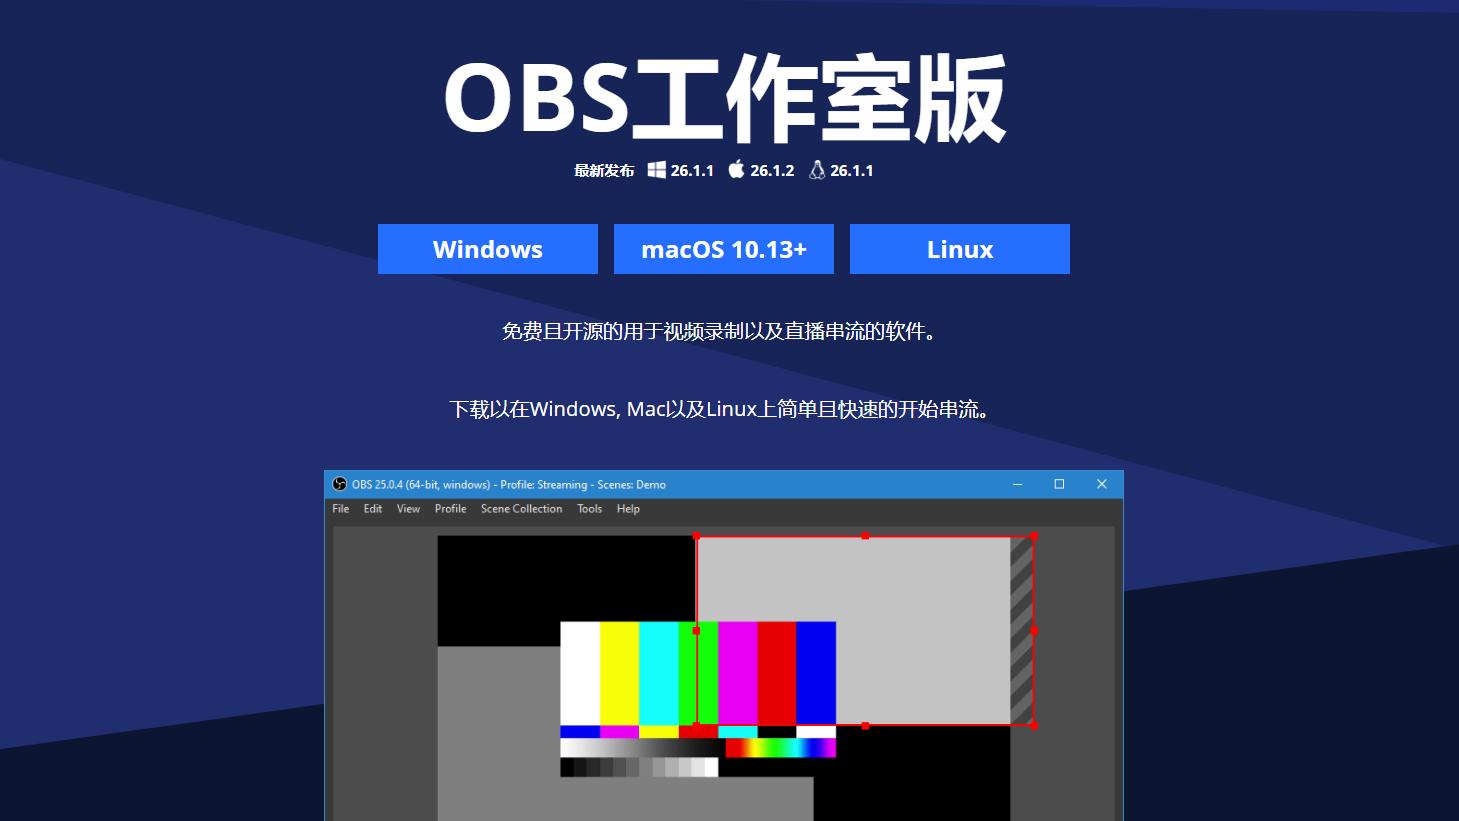 【萌新向教程】如何使用OBS直播/录制视频